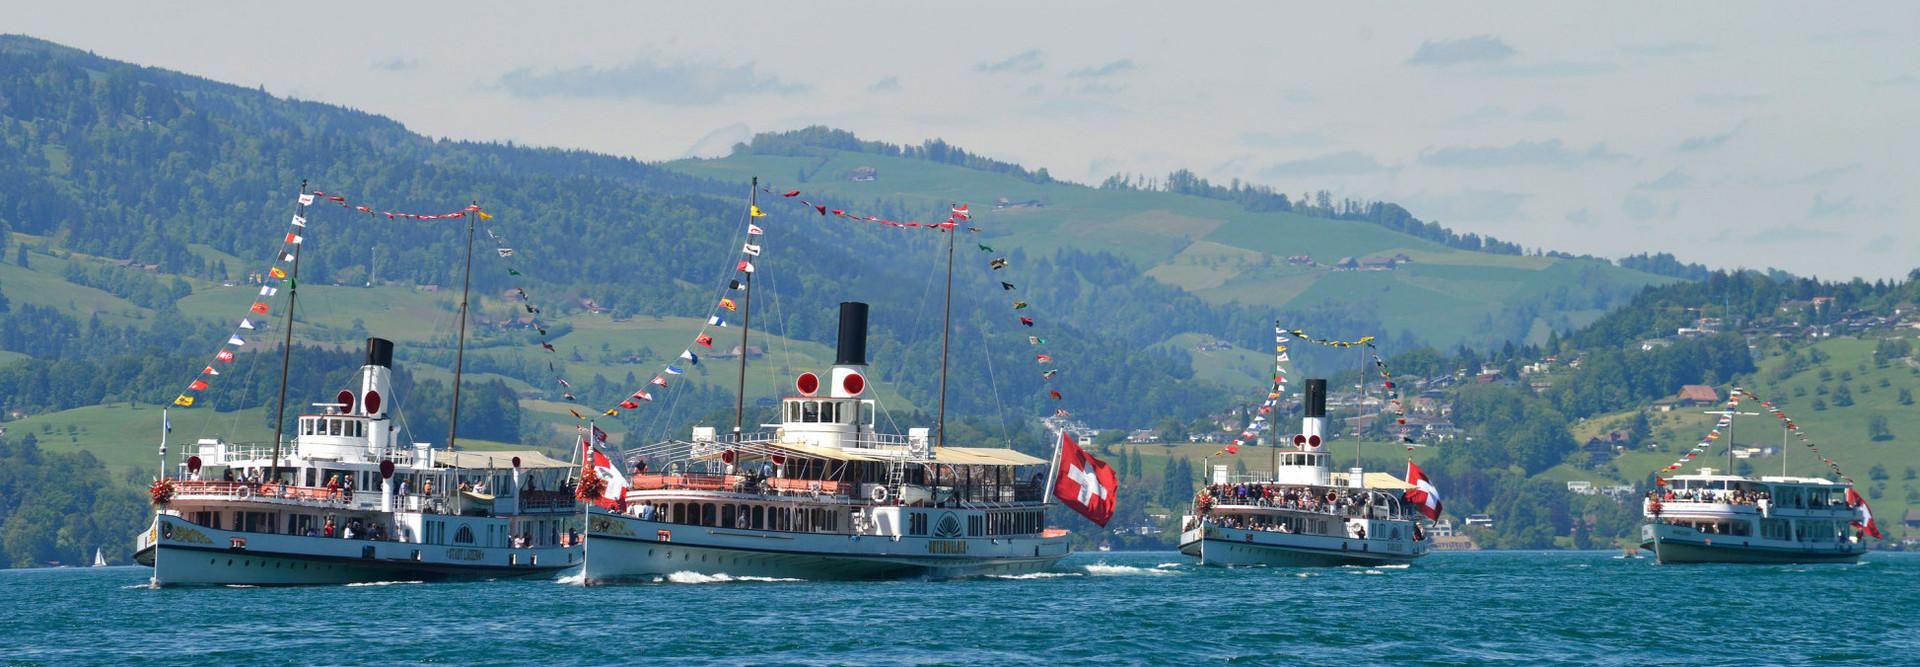 Dampfschiff-Parade mit Flieger im Hintergrund.